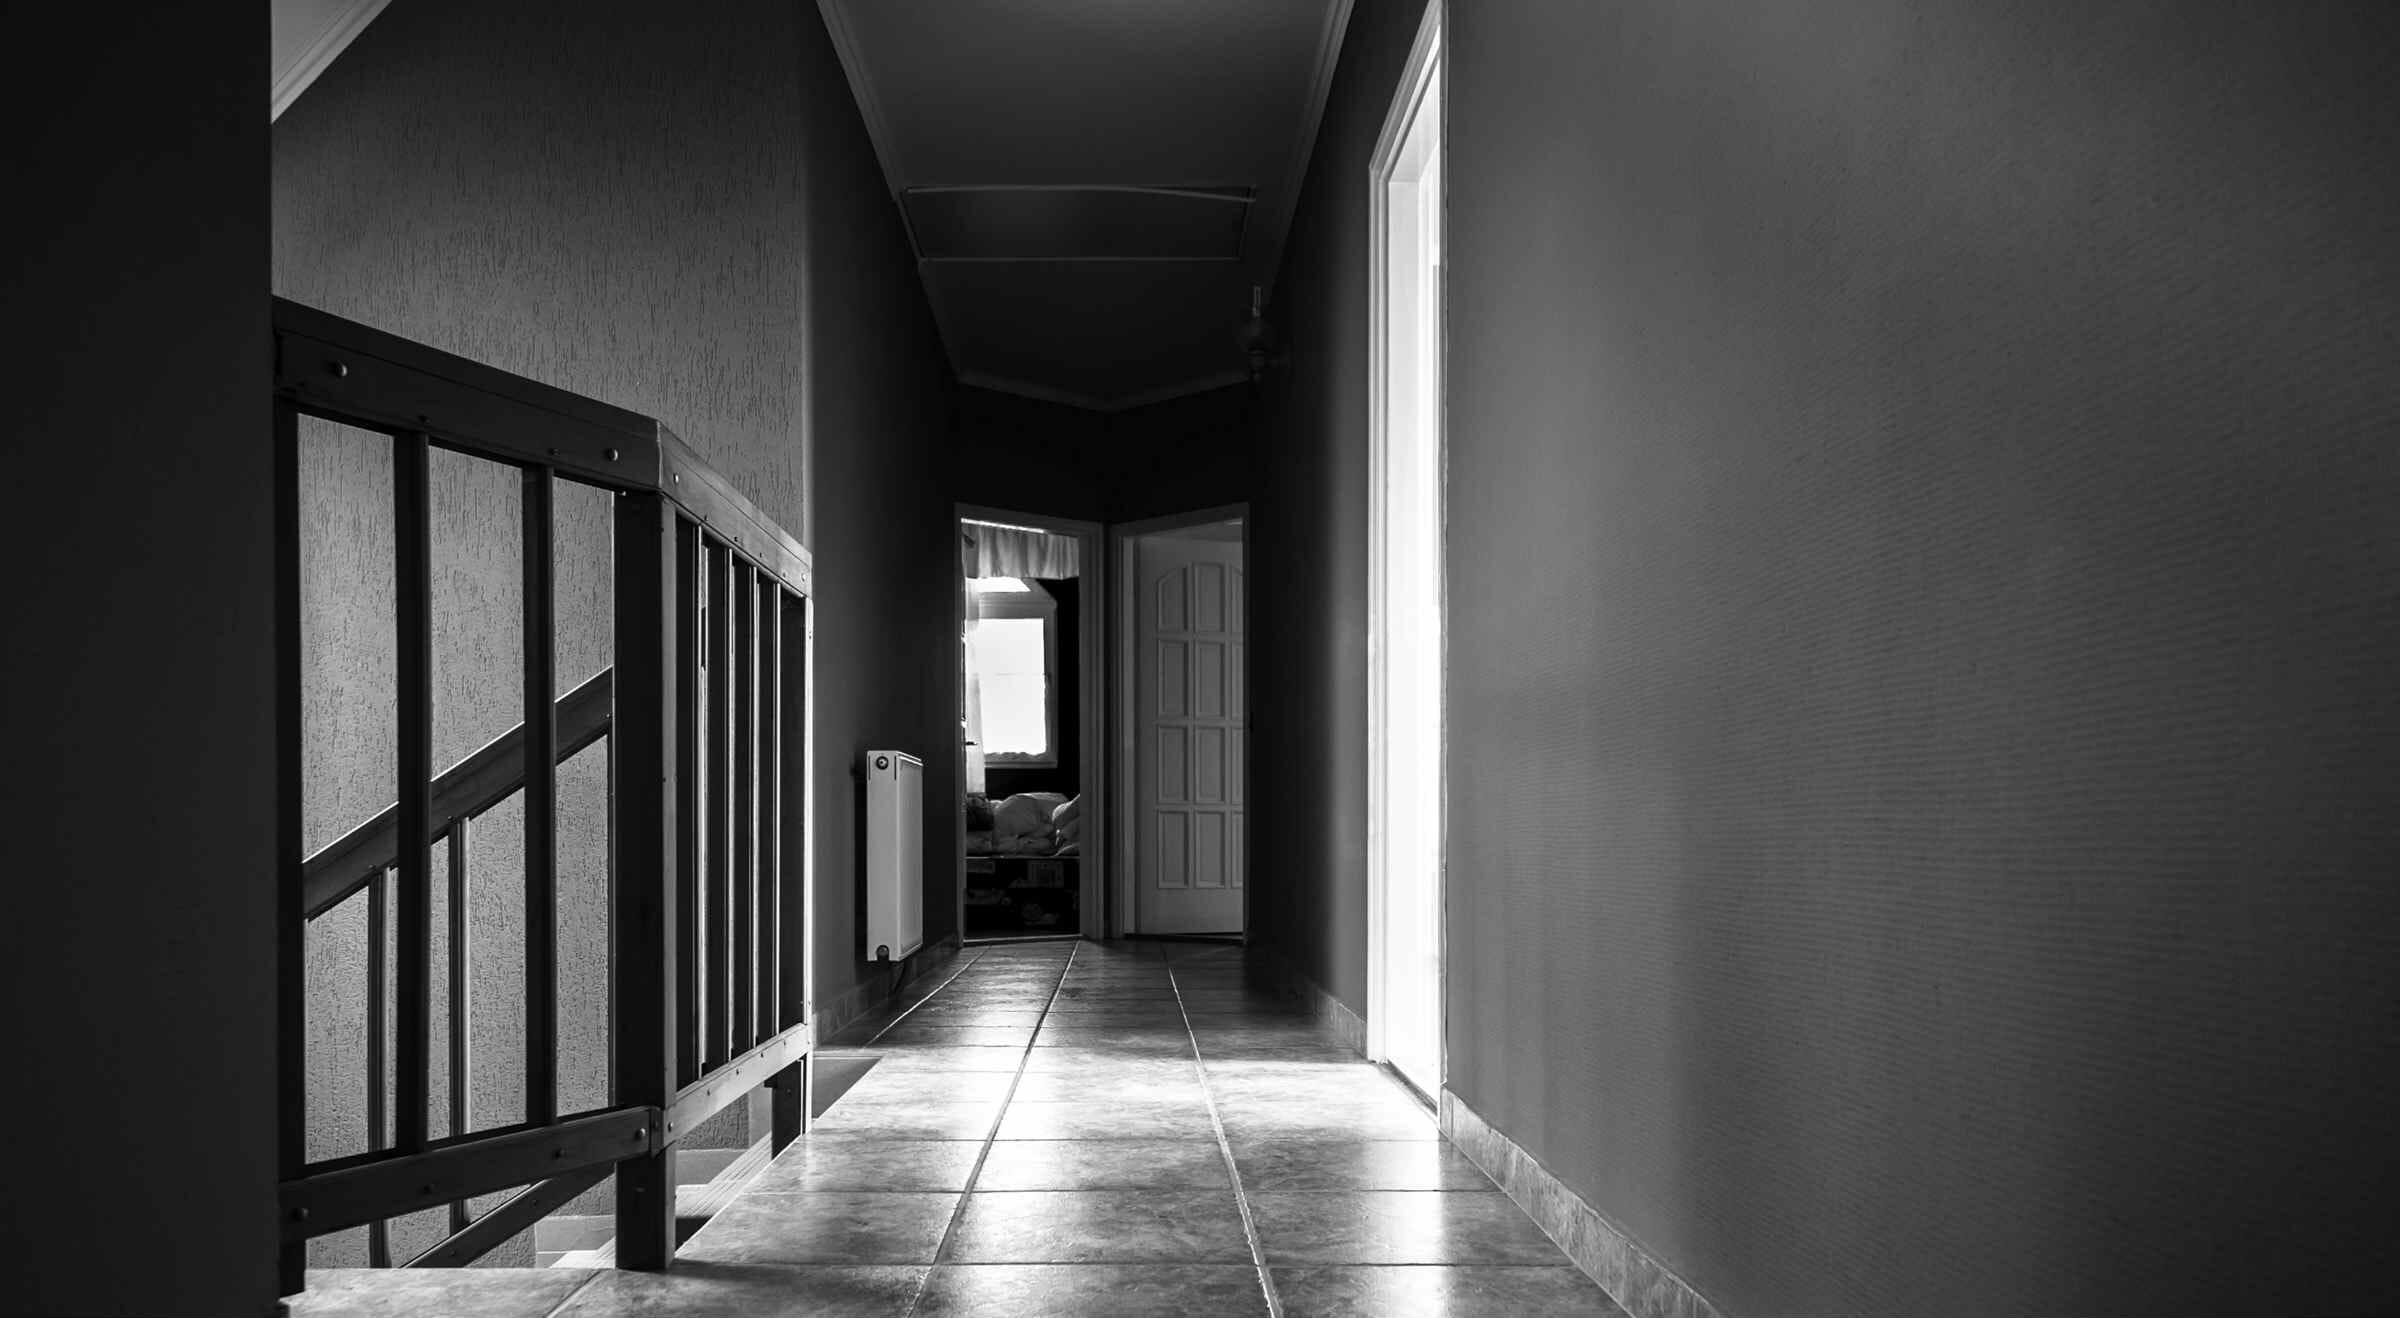 Lungo Il Corridoio In Inglese : In quel corridoio senza fine ci sono tutti i libri della mia vita